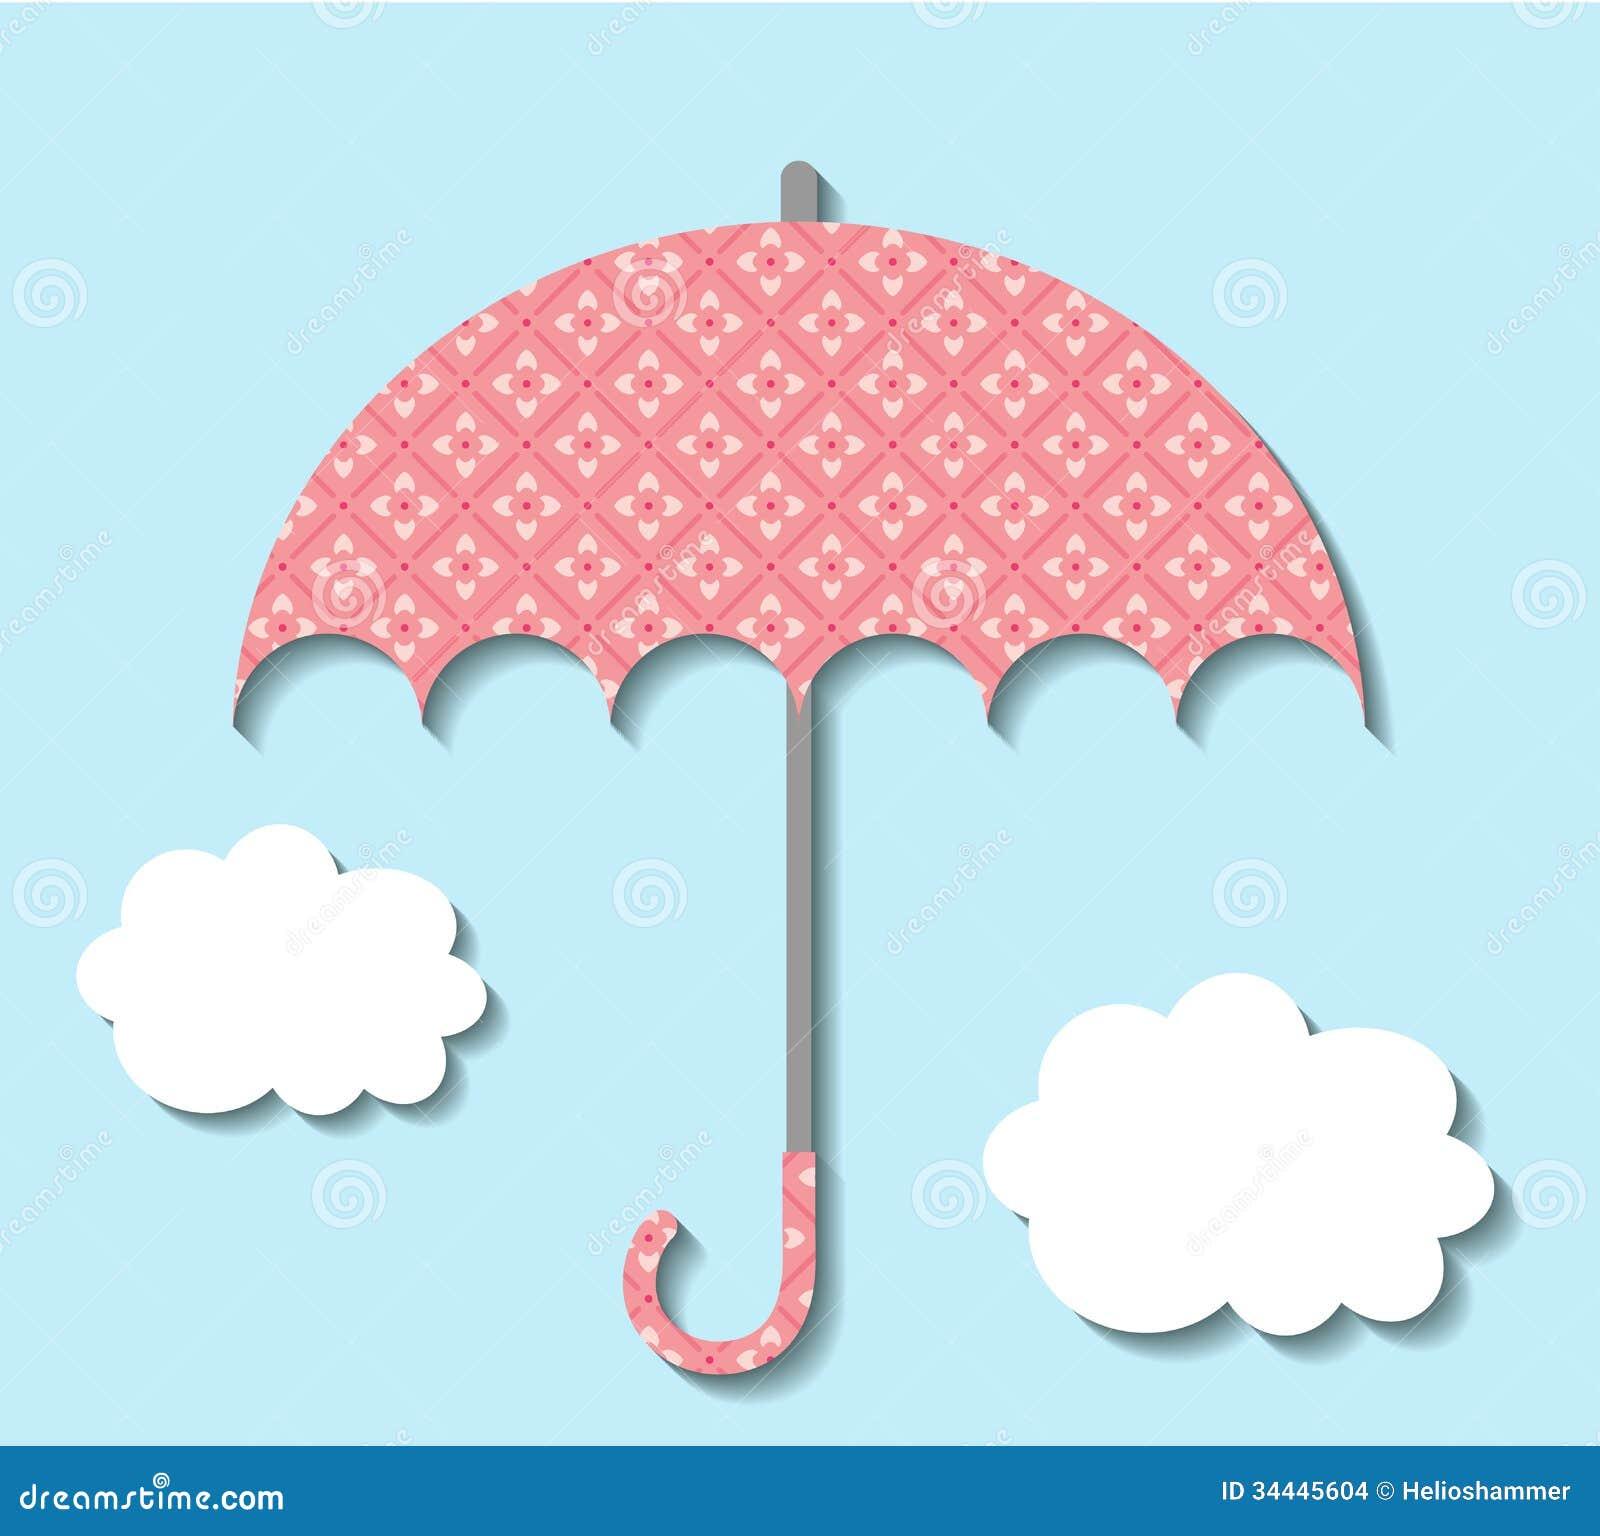 Scrapbook paper clouds - Paper Umbrella With Clouds